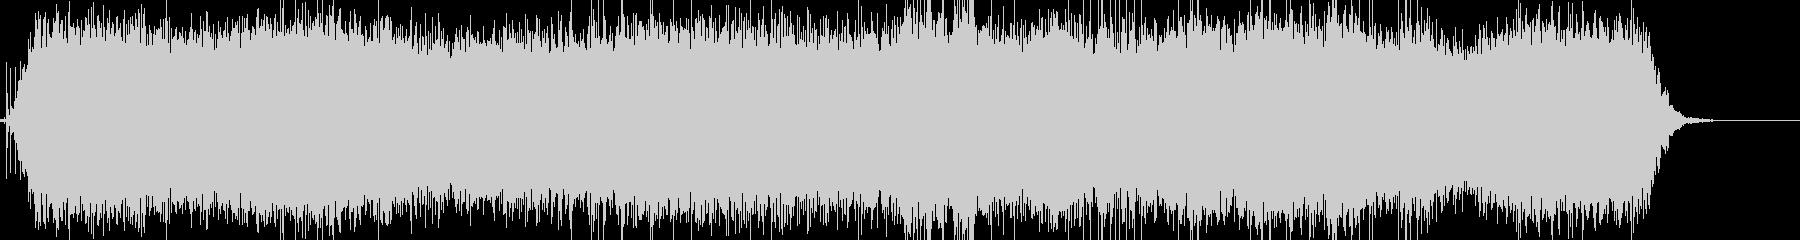 カチ、ブオーン!ドライヤーのリアルな音2の未再生の波形